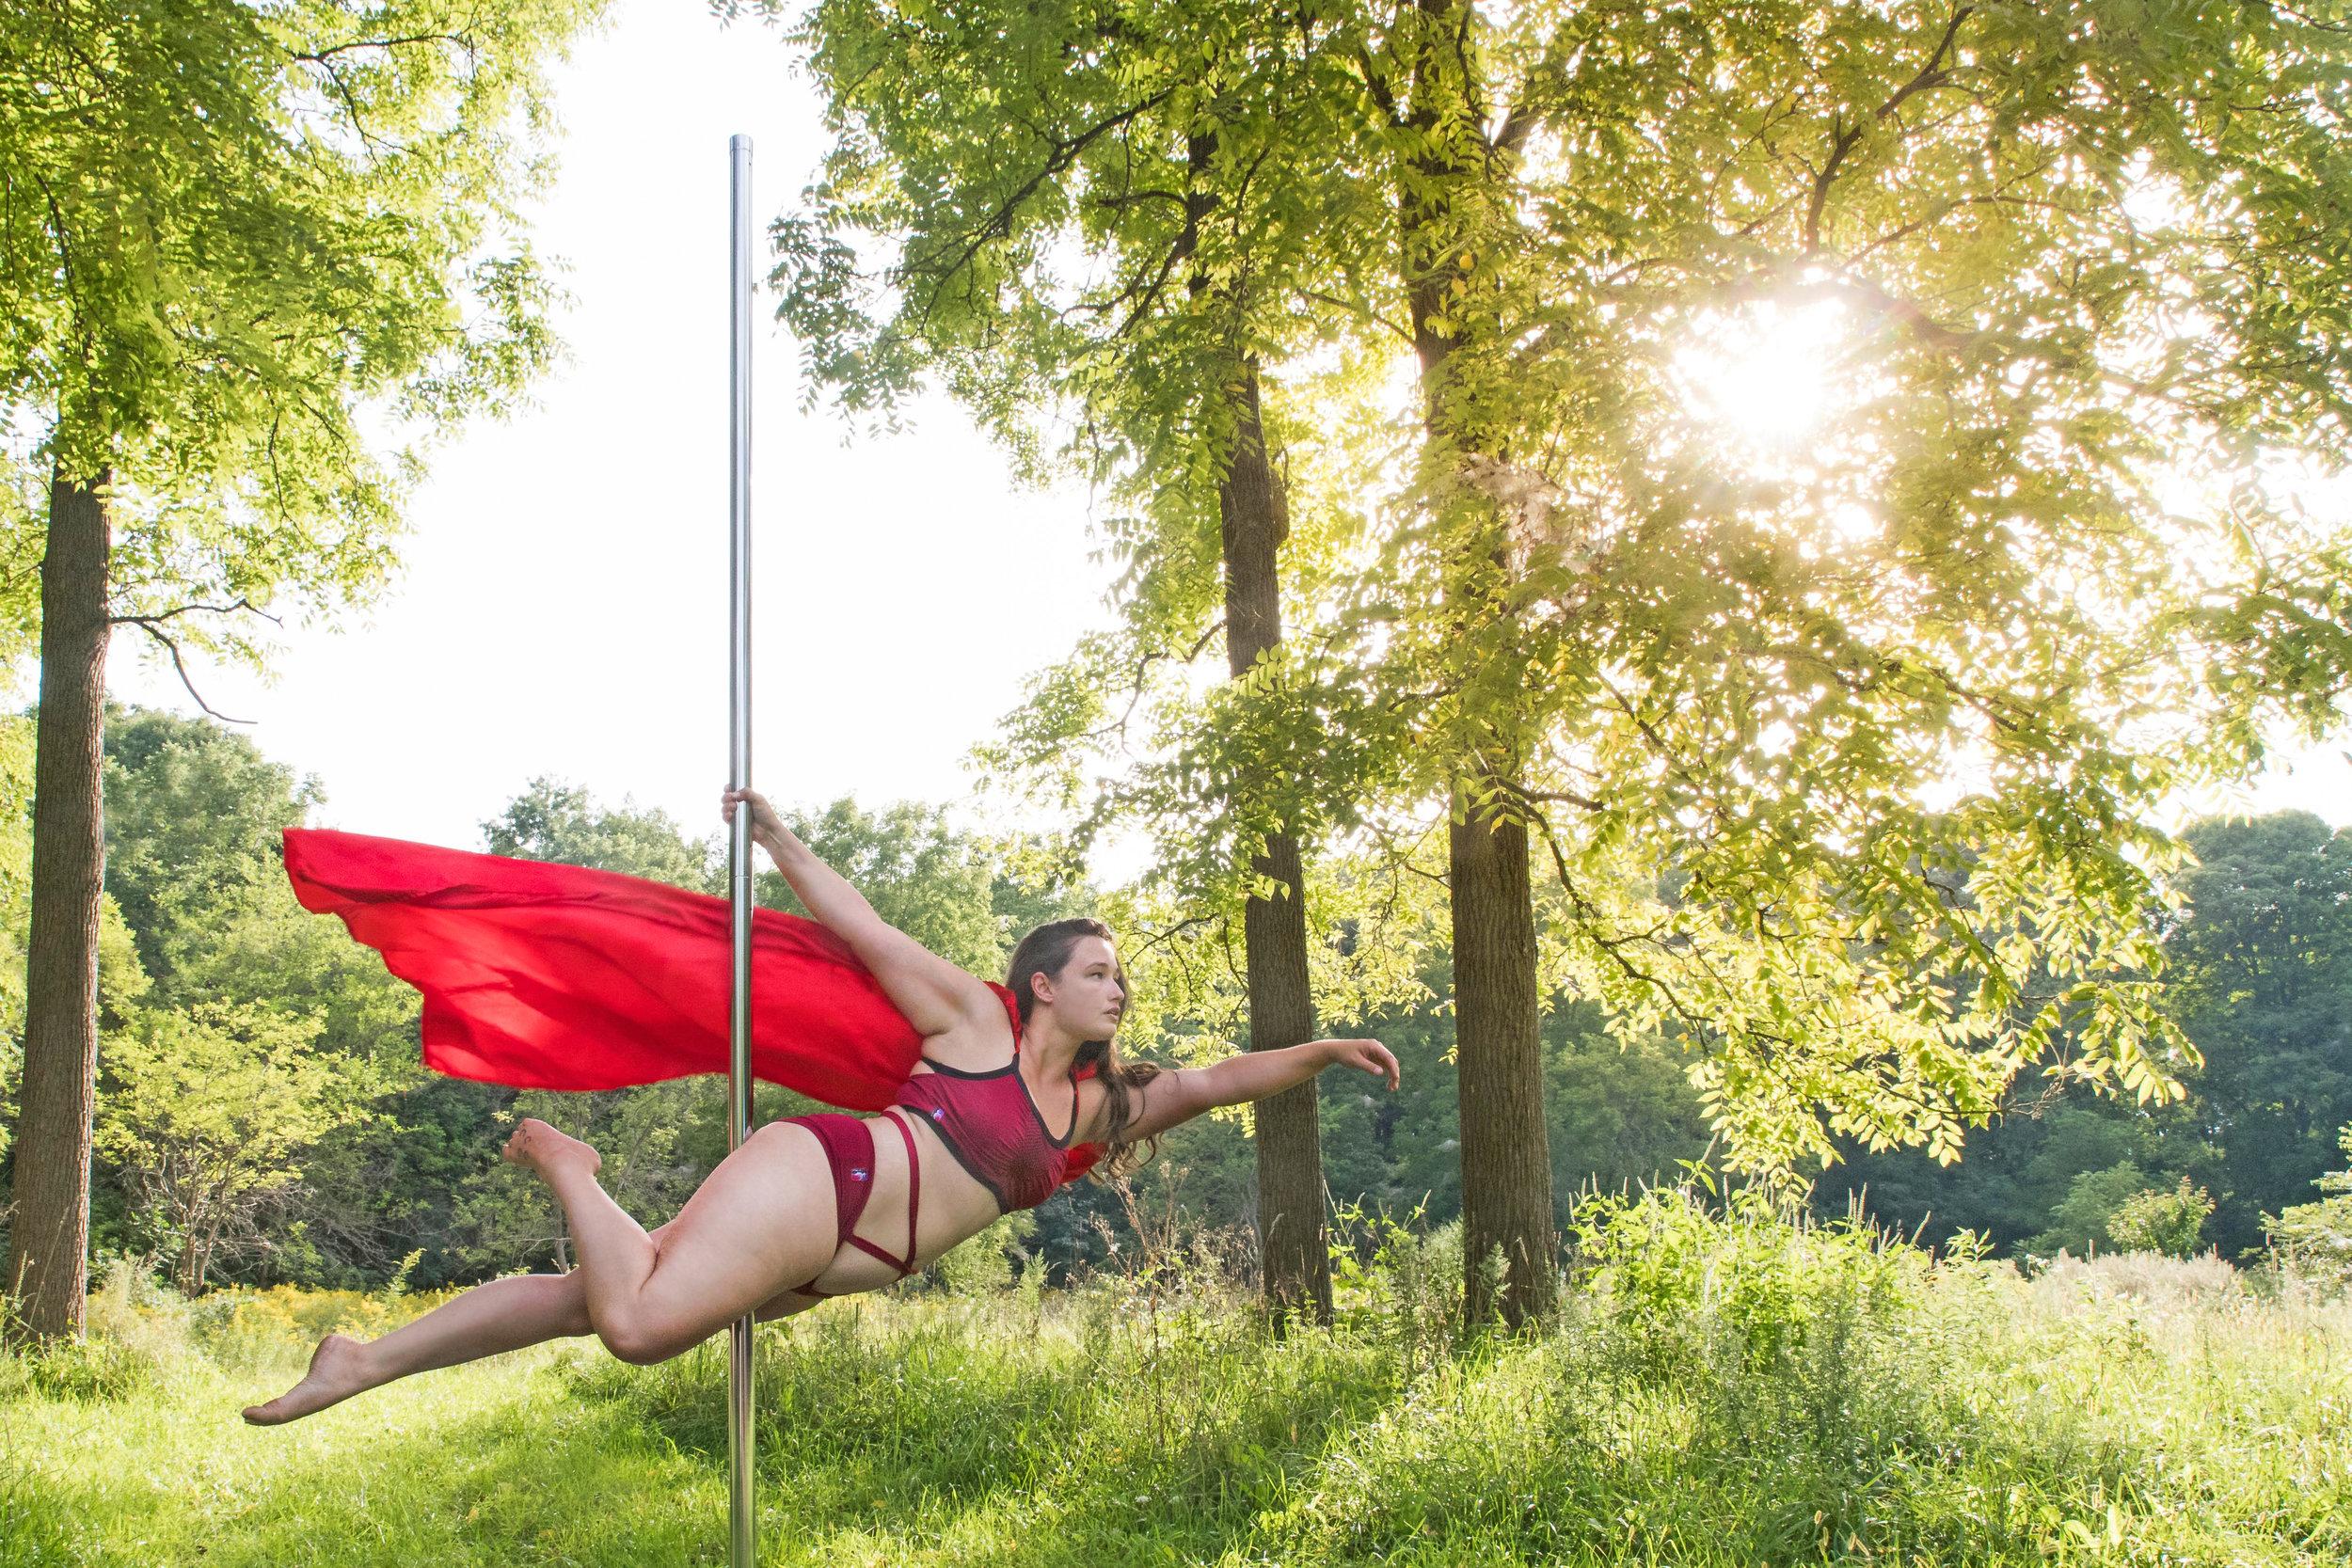 emilysotiphotography-#emilysenchantedforest-kaitlyn-1 copy.jpg